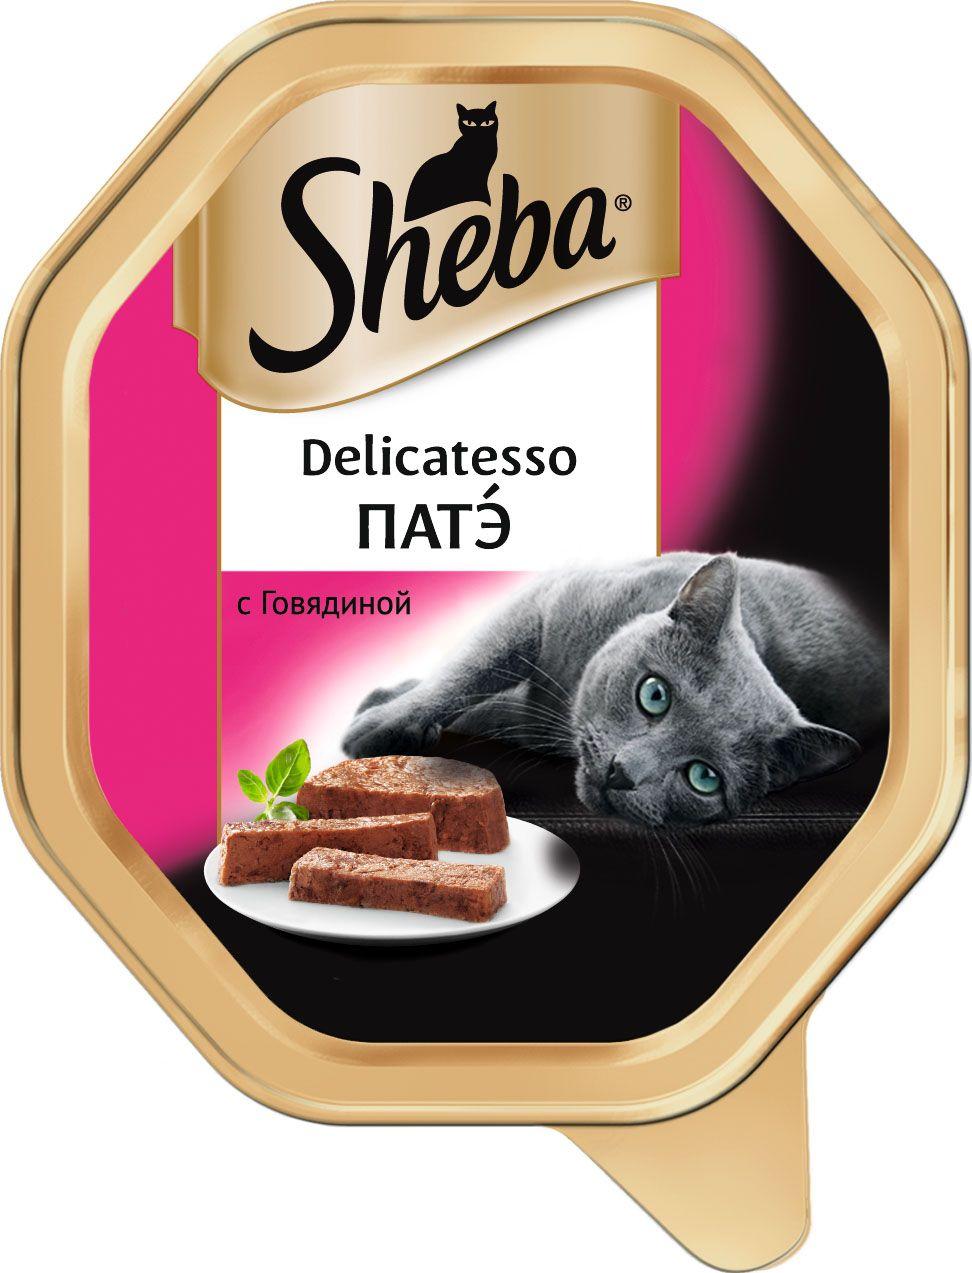 Корм консервированный Sheba Delicatesso, для взрослых кошек, от 1 года, патэ с говядиной, 85 г sheba appetito ломтики в желе с говядиной и кроликом для кошек 85г 10161708